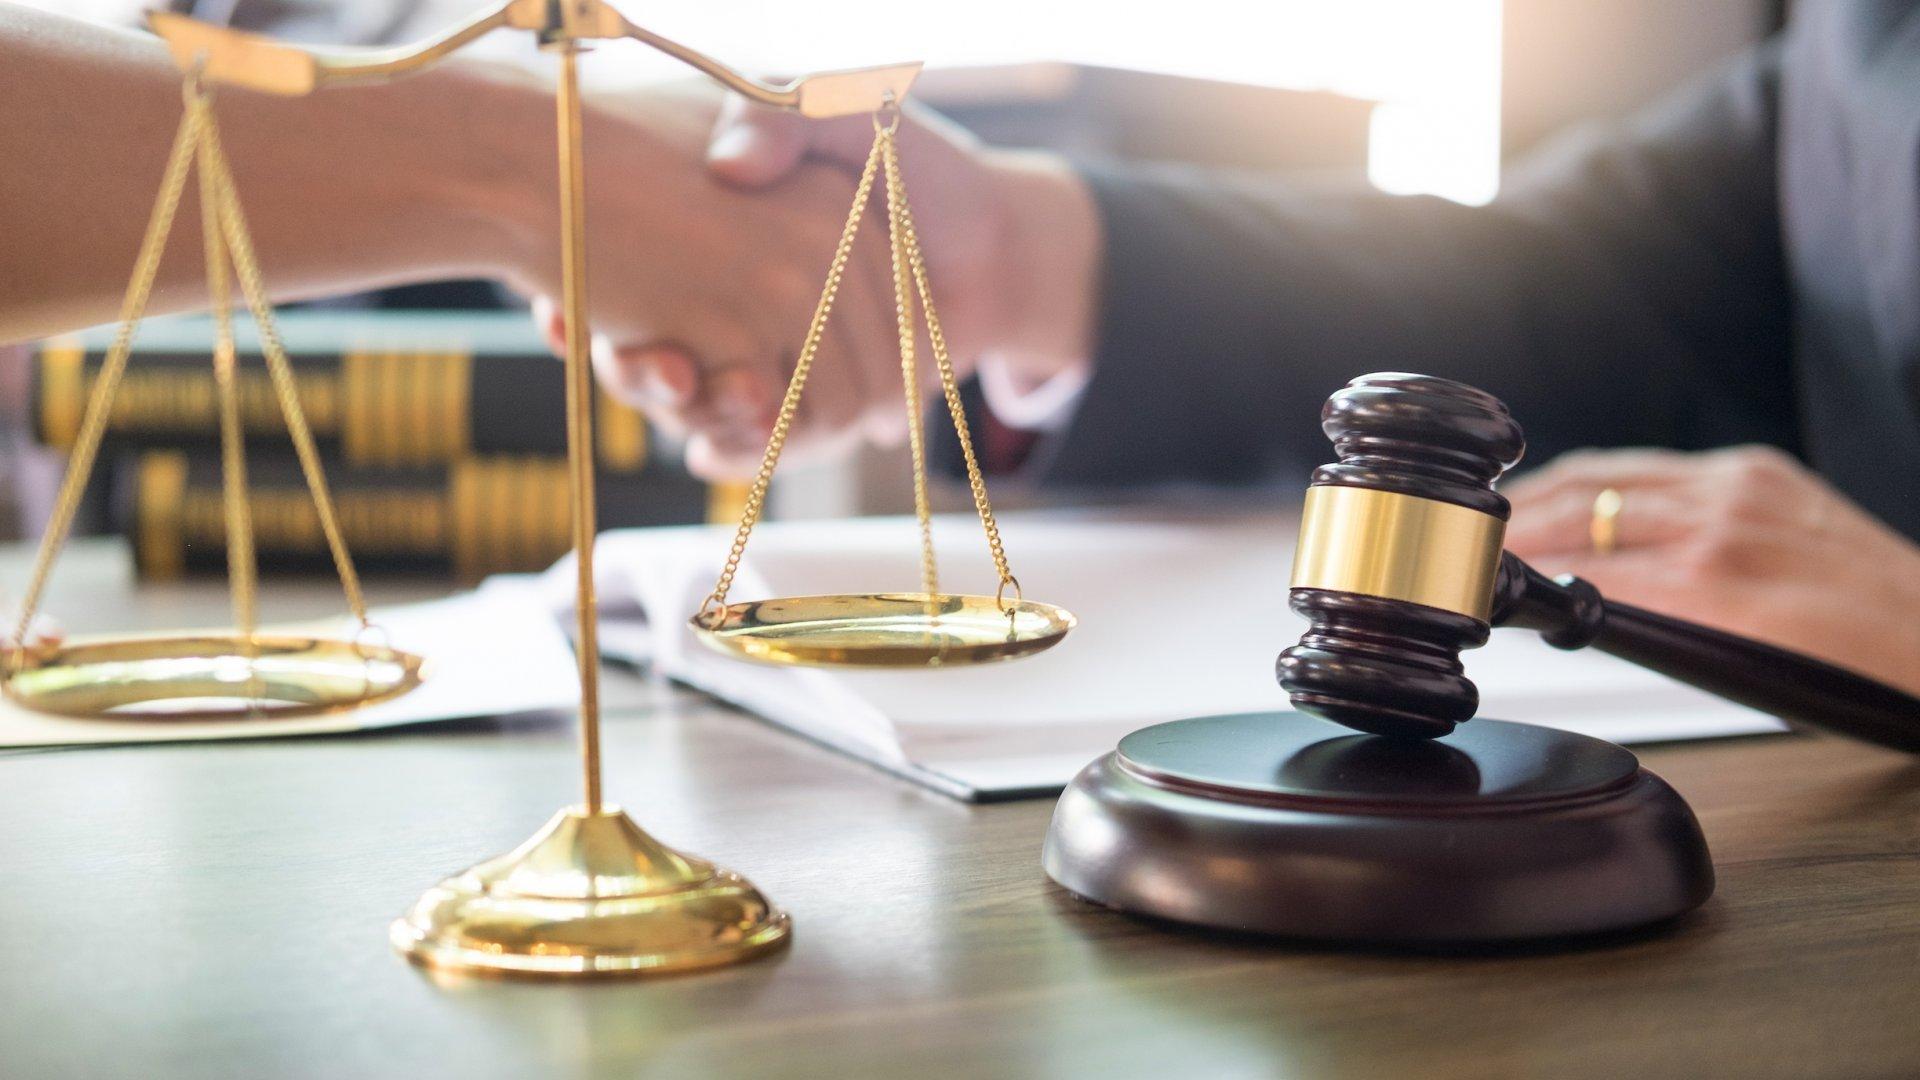 оспорить судебную строительно техническую экспертизу